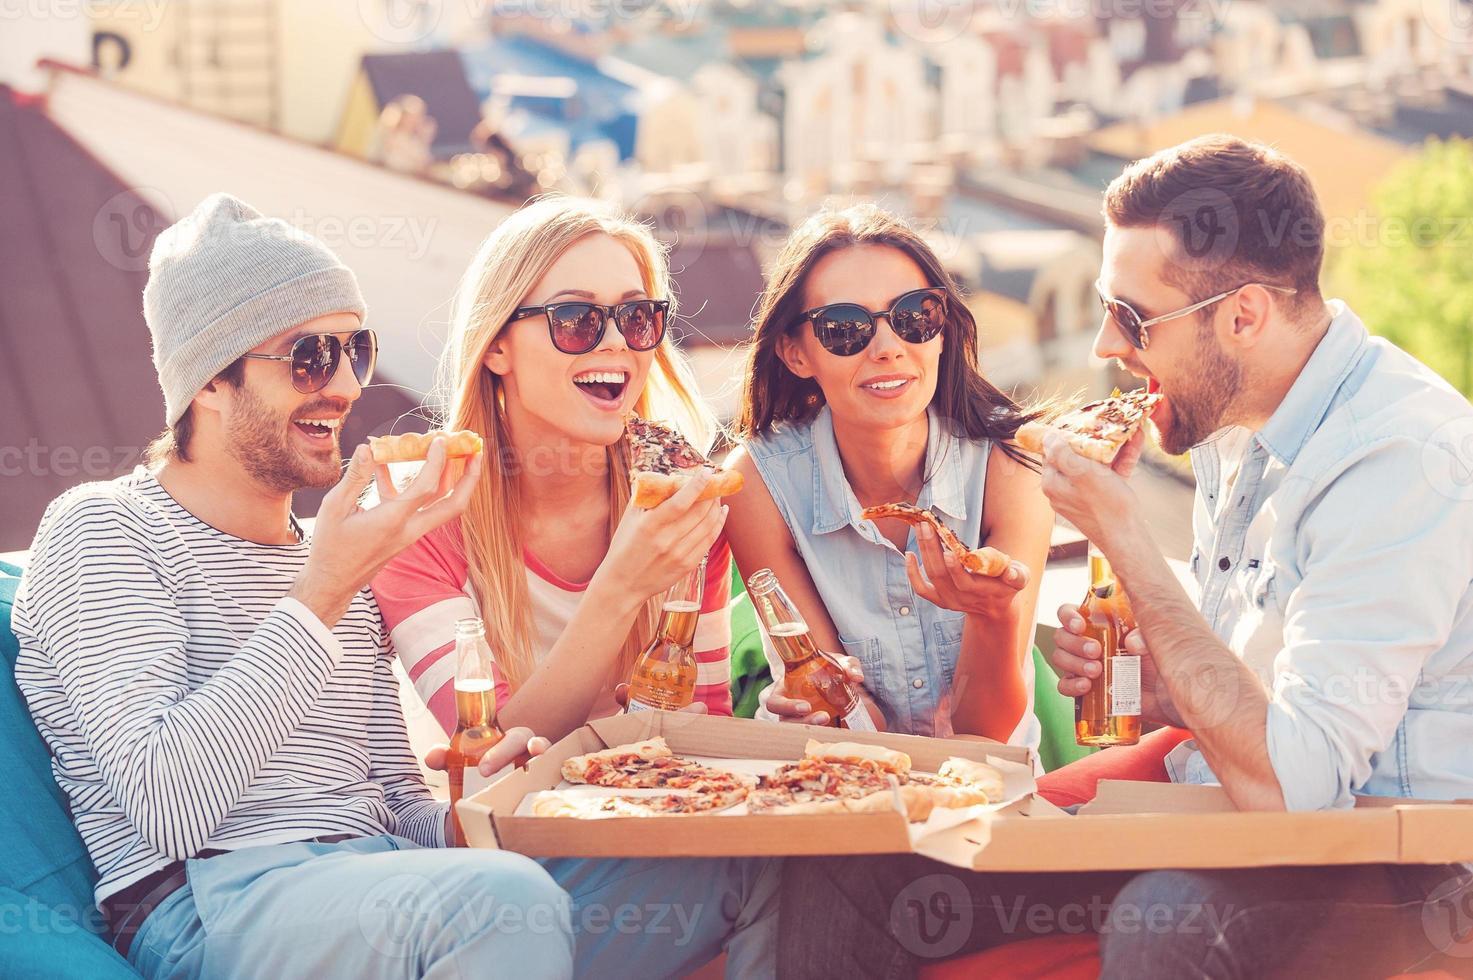 amigos e pizza. foto